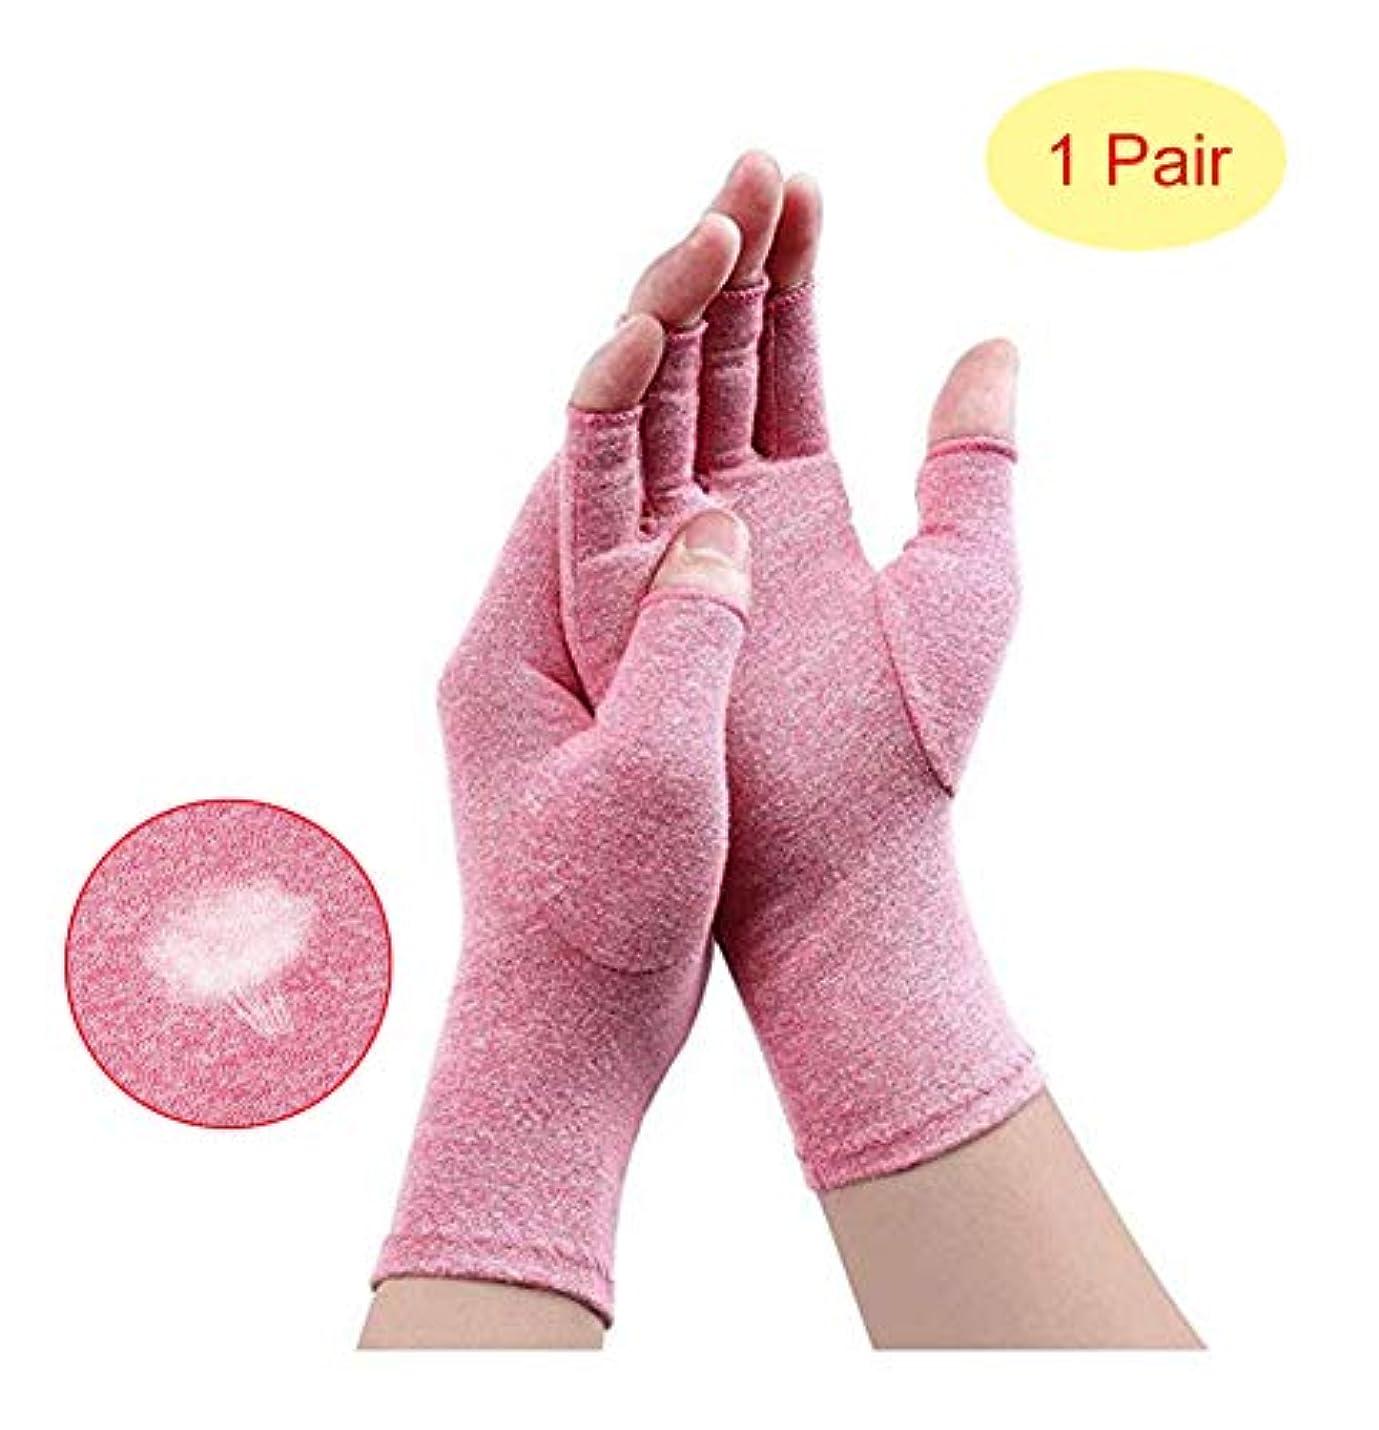 約設定ペリスコープピアノを弾く関節炎手袋、ピンクの通気性、手と関節用の抗関節炎健康療法用圧縮手袋、痛みの軽減、毎日の仕事,1Pair,M